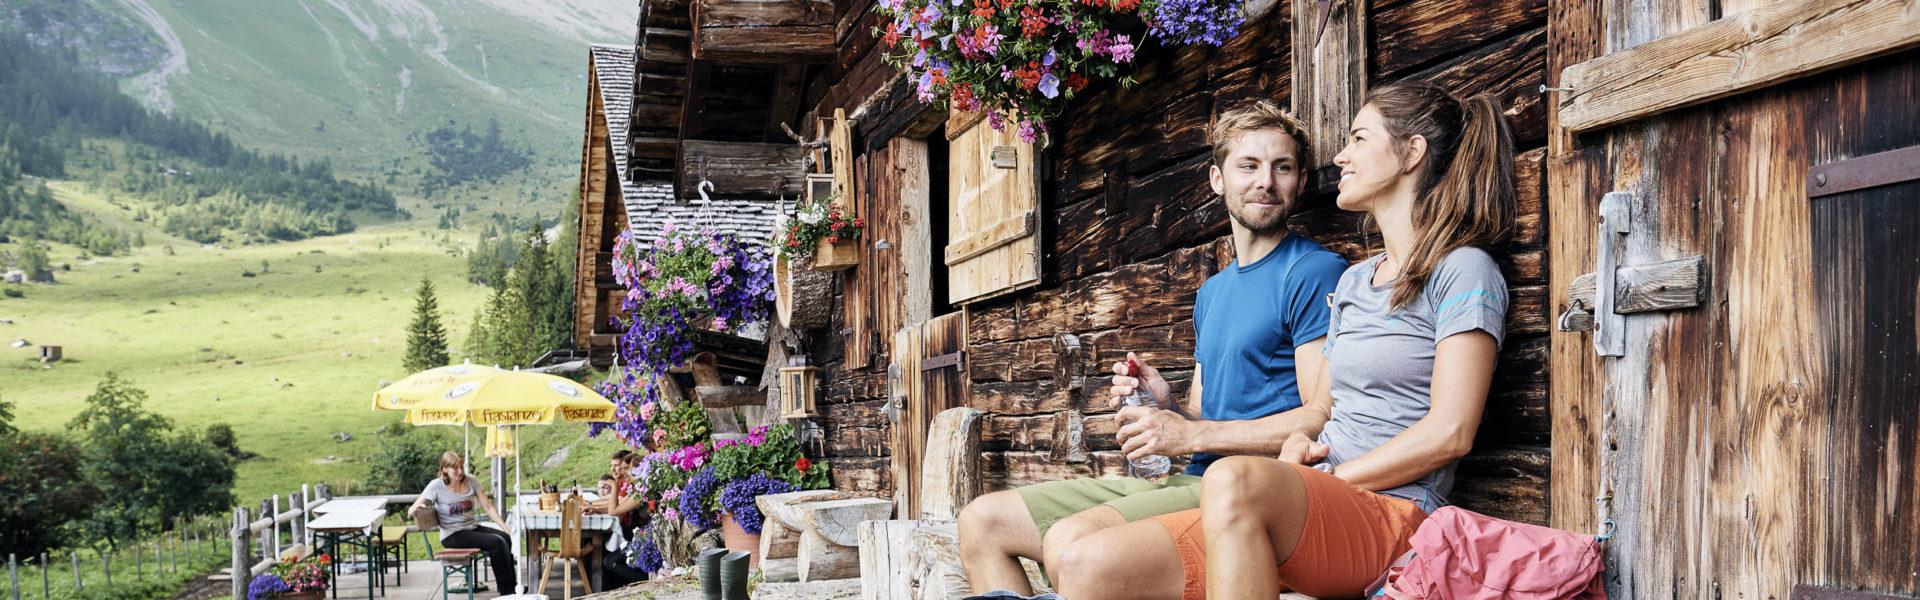 Wandern im Brandnertal © Alex Kaiser - Brandnertal Tourismus